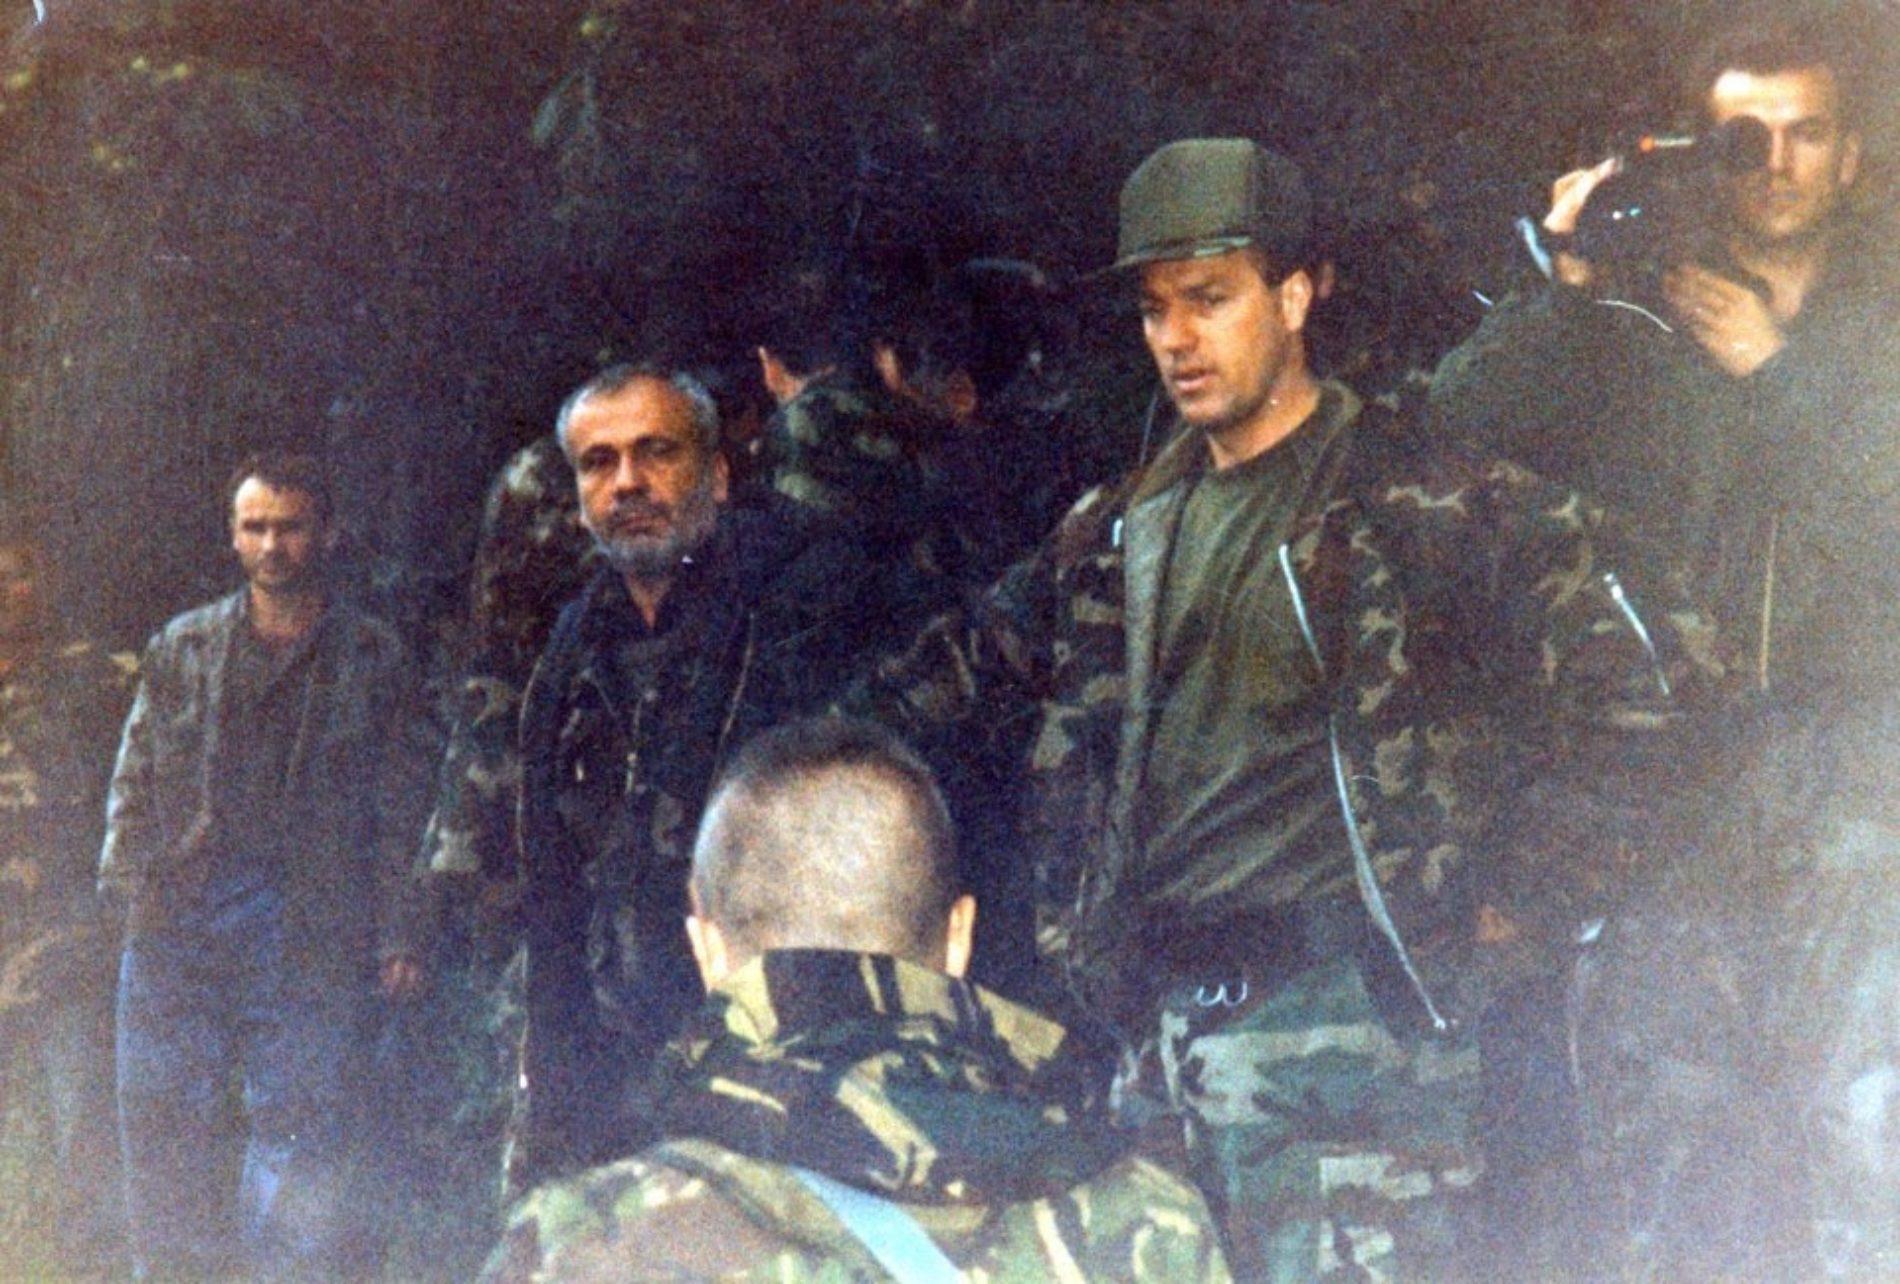 Godišnjica 7. korpusa: Pobjednički korpus koji je oslobađao zemlju od Travnika do Krajine (VIDEO)